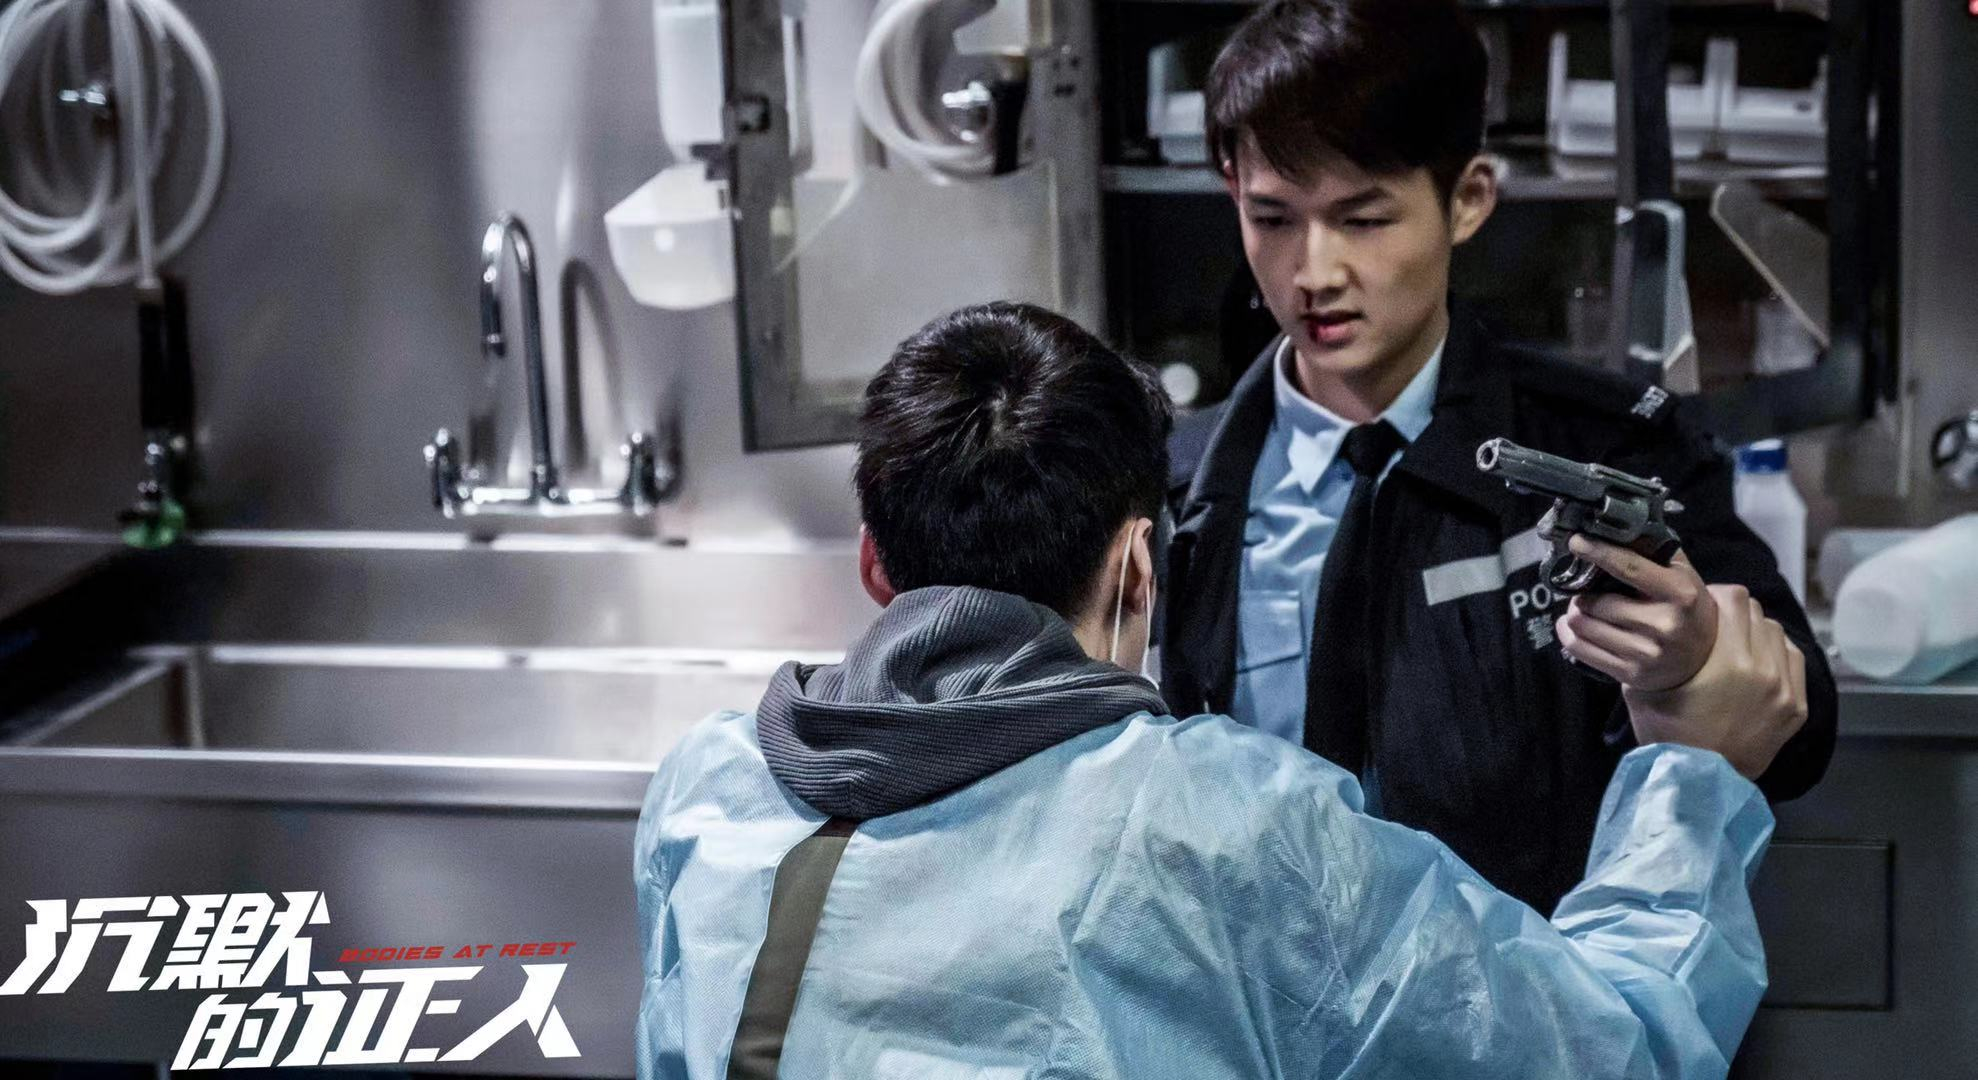 明鹏出演电影《沉默的证人》 吴警官精彩亮相